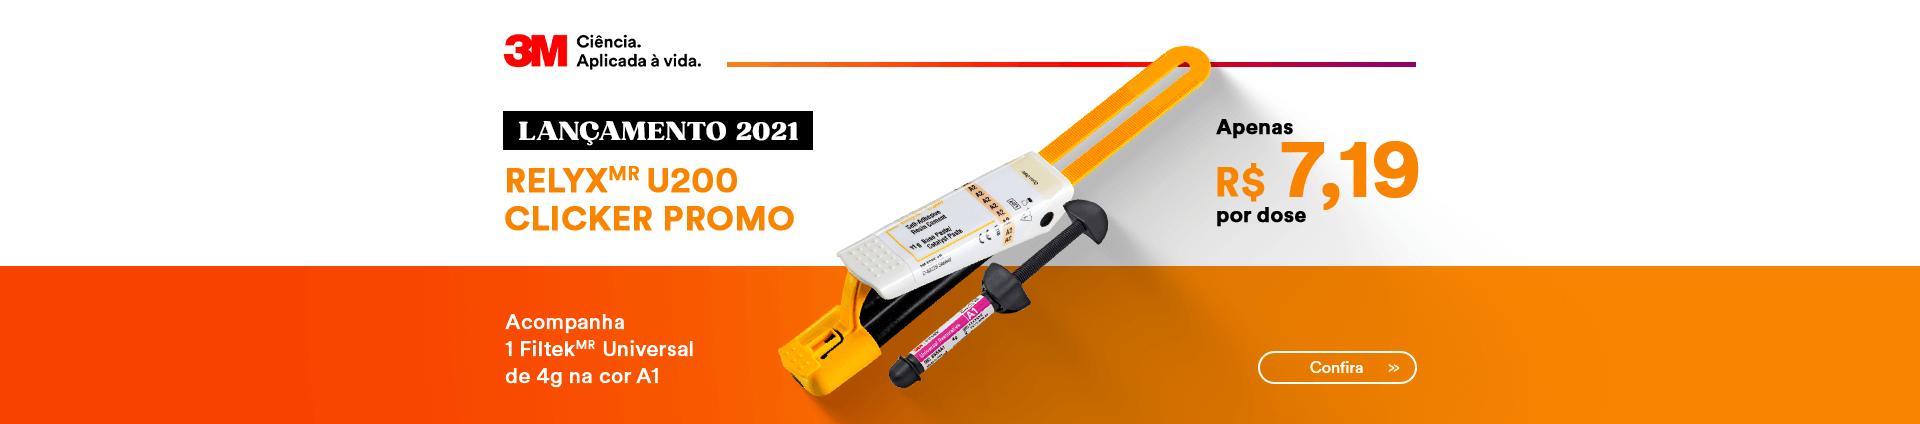 Kit Lançamento 3M Cimento Relyx U200 3M com melhor preço | Dental Cremer